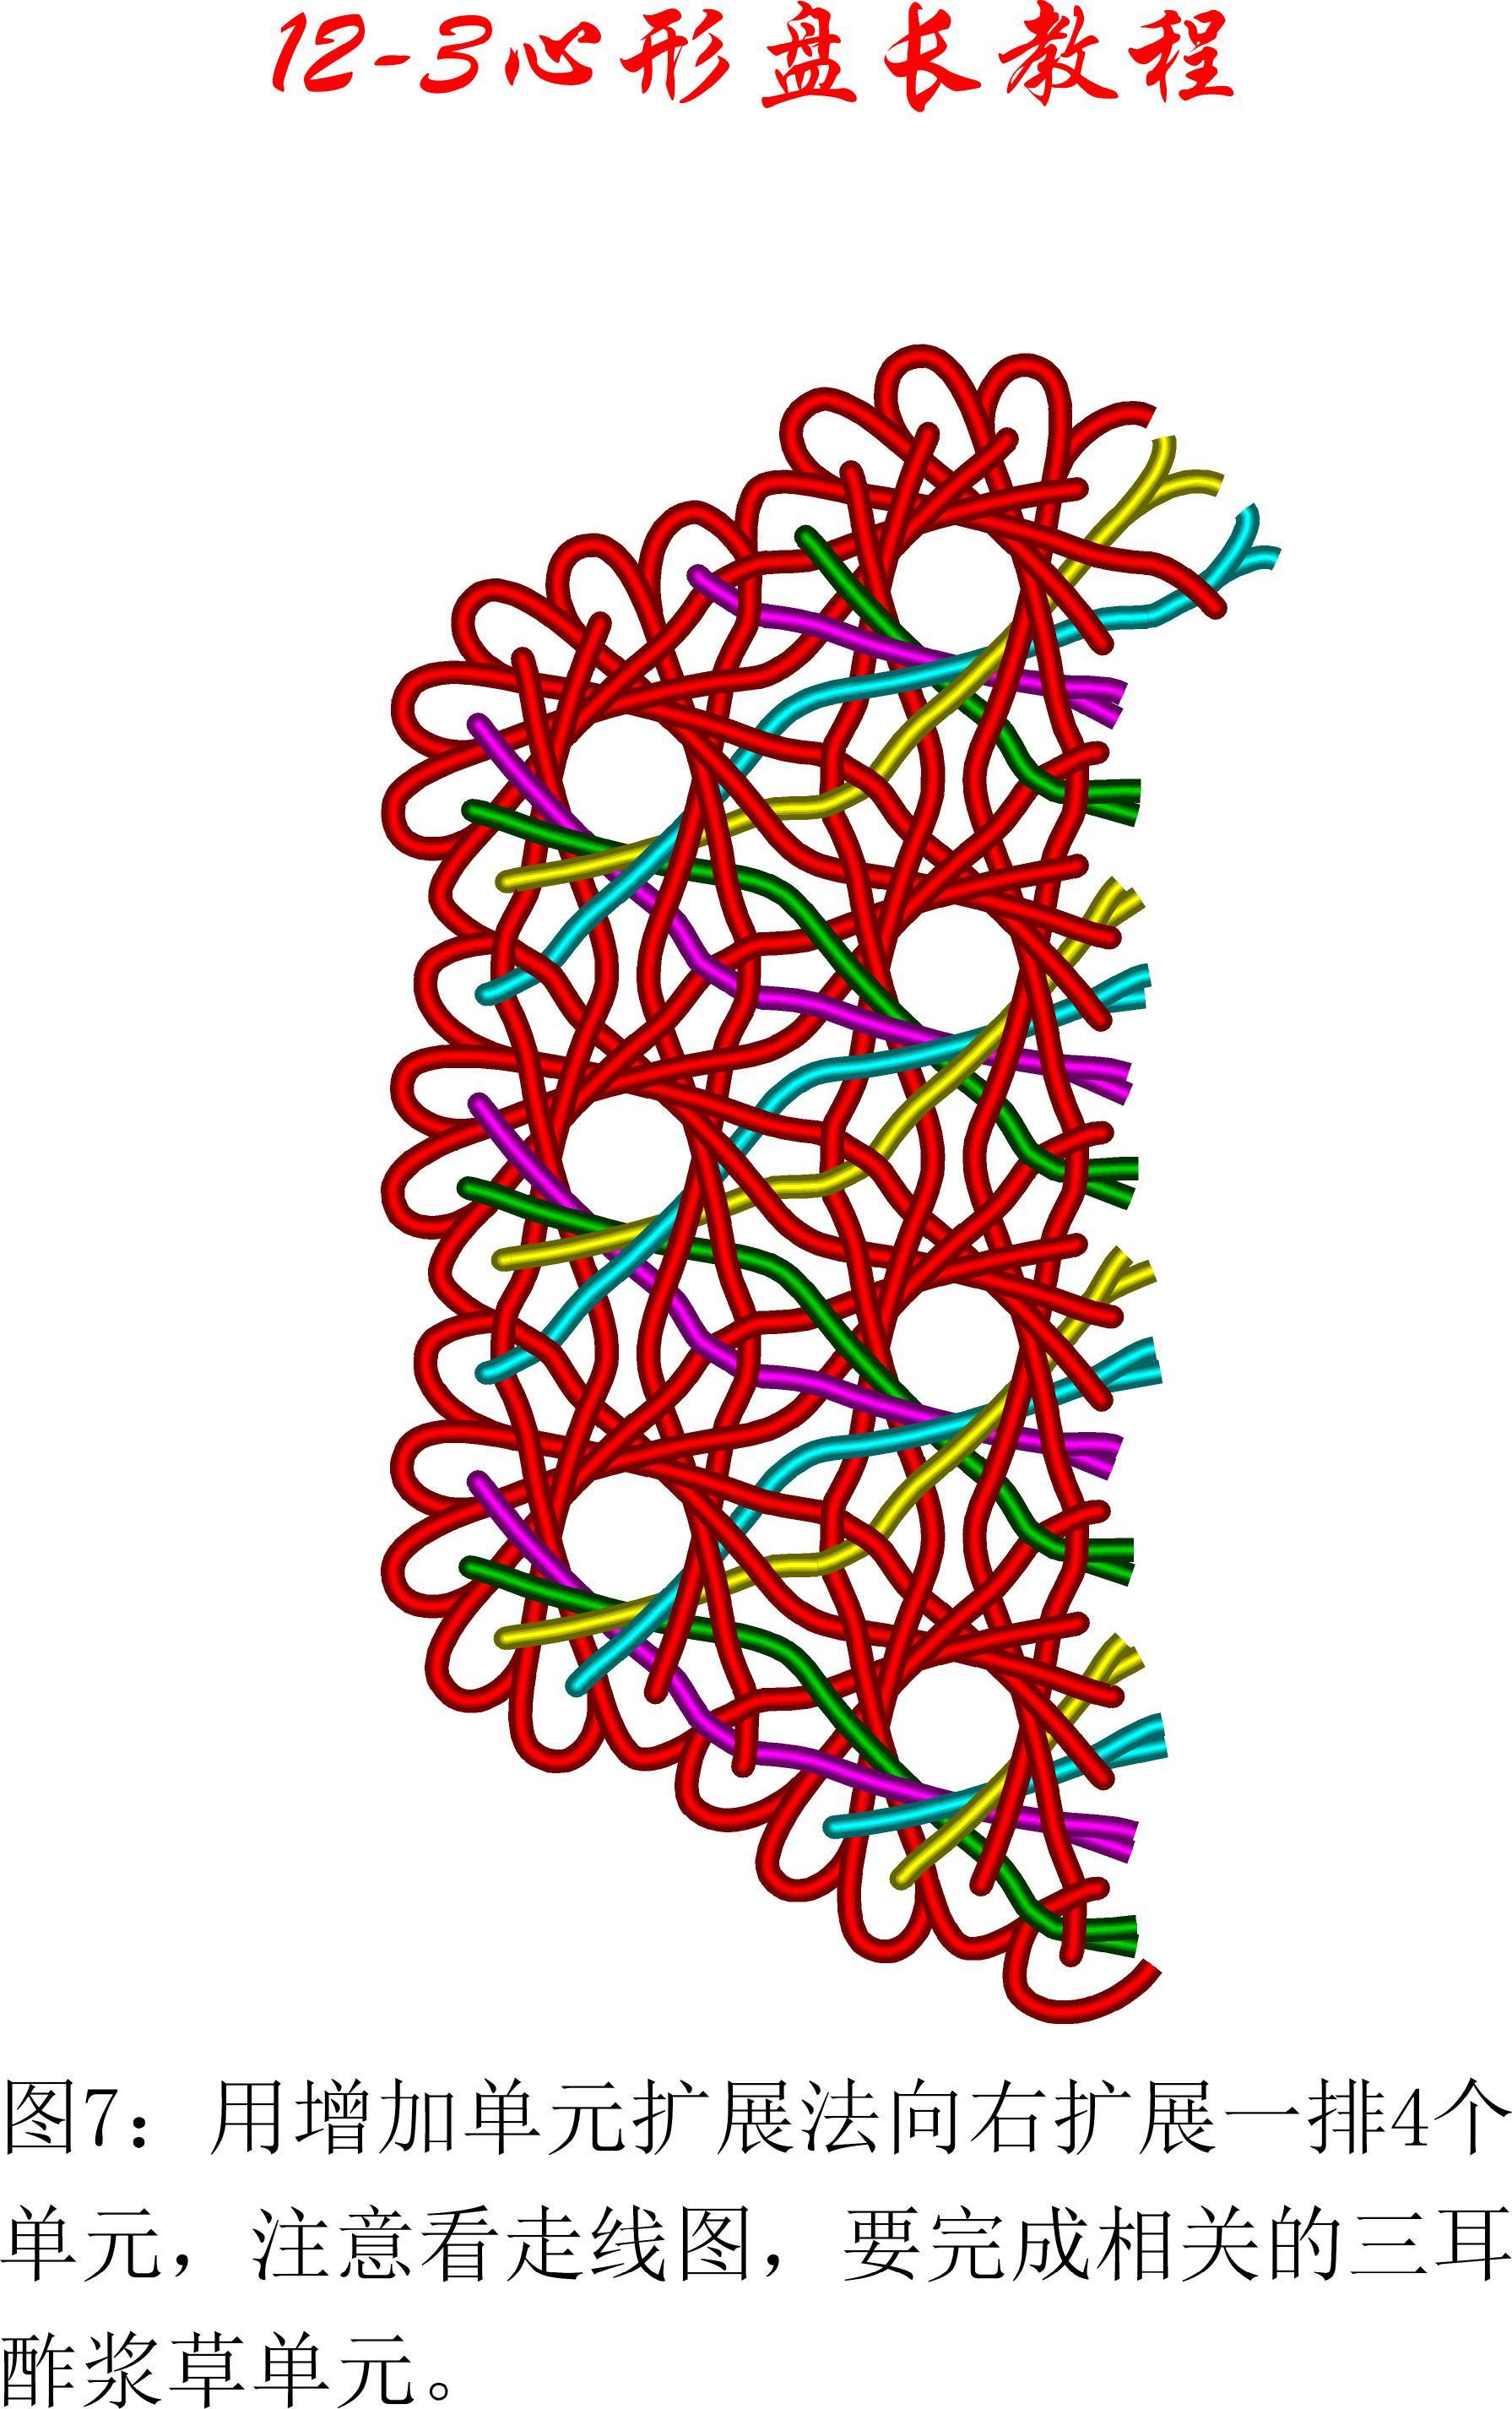 中国结论坛 12-3心形盘长徒手教程 教程,口布盘花十种简单折法,折爱心的步骤图解 丑丑徒手编结 164928mulfll0wh5pp9wc7